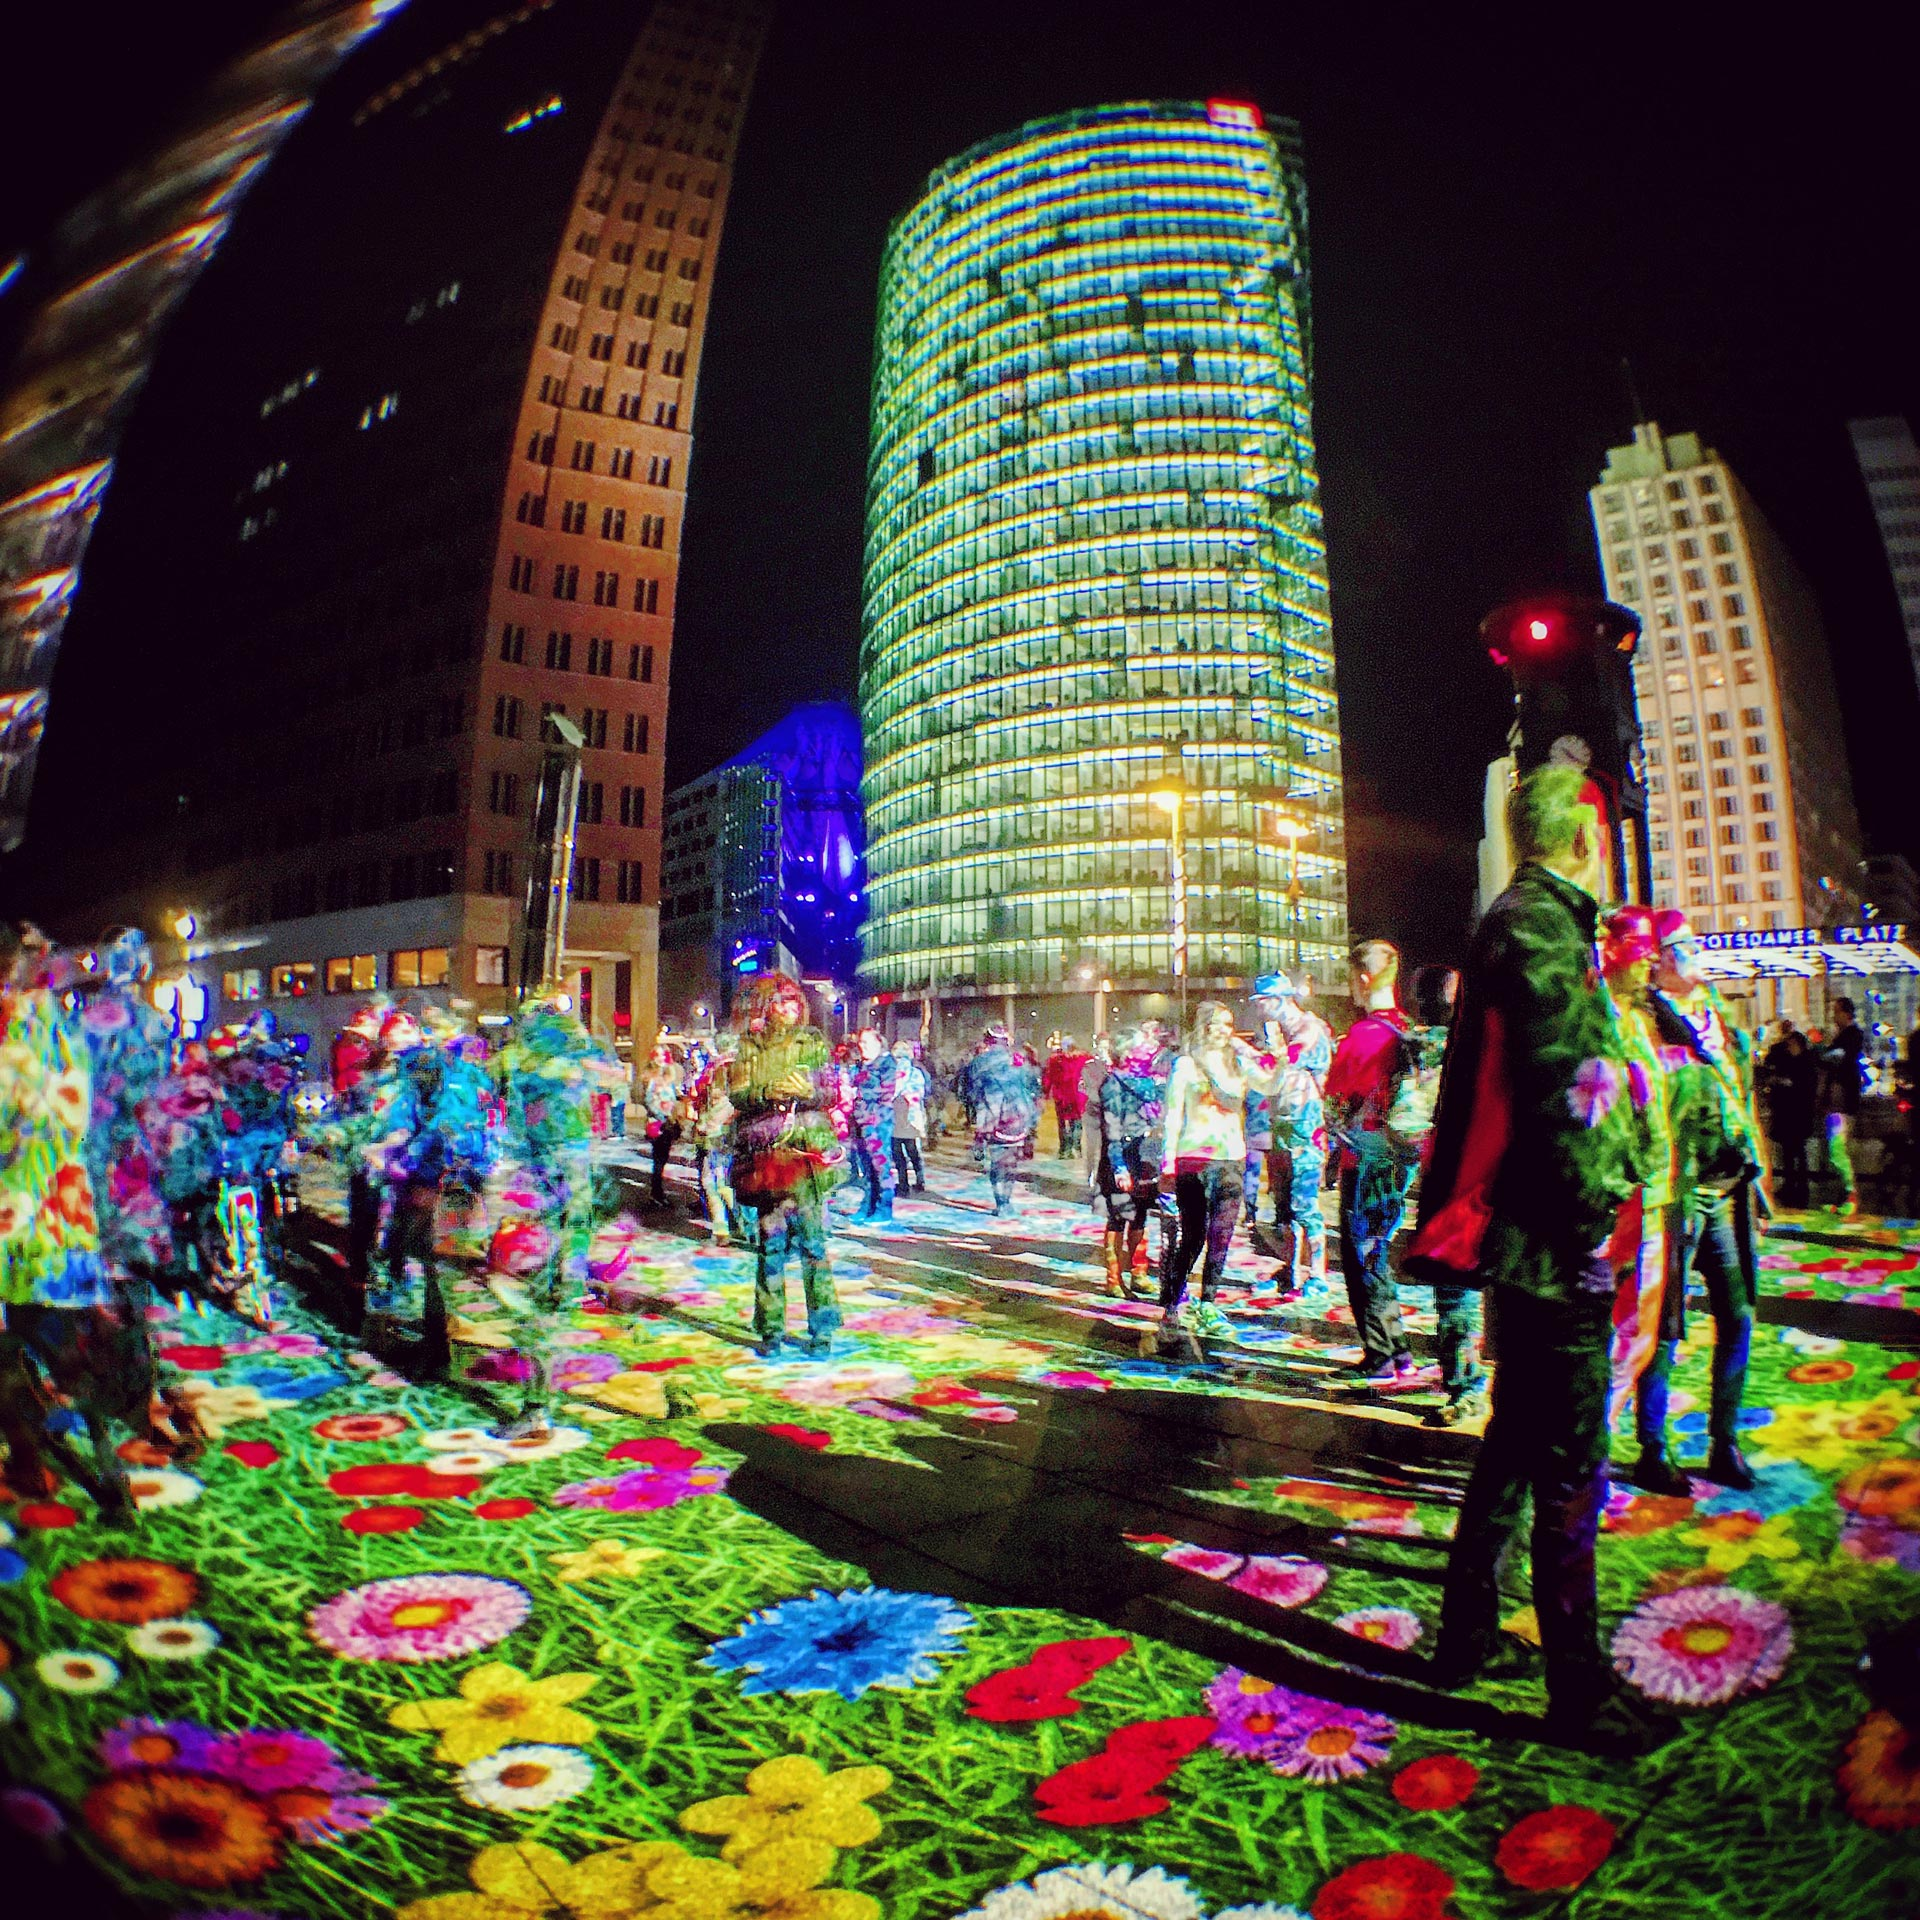 Festival of Lights 2017: Blumenwiese auf dem Potsdamer Platz